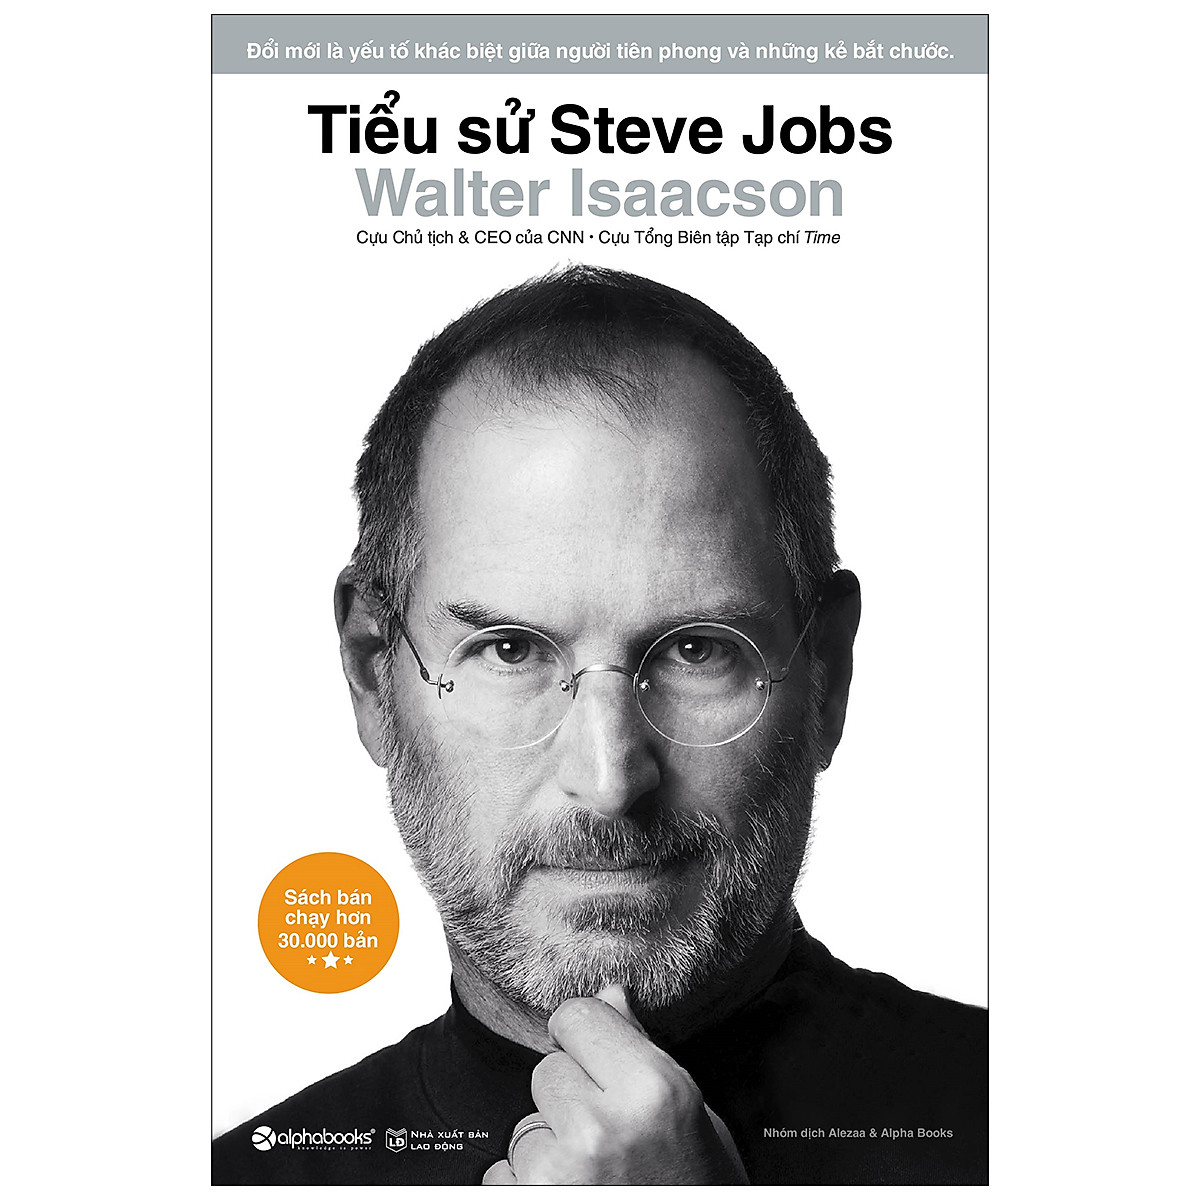 """Combo 2 Cuốn Sách Về Cuộc Đời Của 2 Doanh Nhân Kiệt Xuất Trong Làng Công Nghệ Và Những """"Ân Oán"""" Trong Mối Quan Hệ Của Họ ( Tiểu Sử Steve Jobs + Bill Gates: Tham Vọng Lớn Lao Và Quá Trình Hình Thành Đế Chế Microsoft )"""